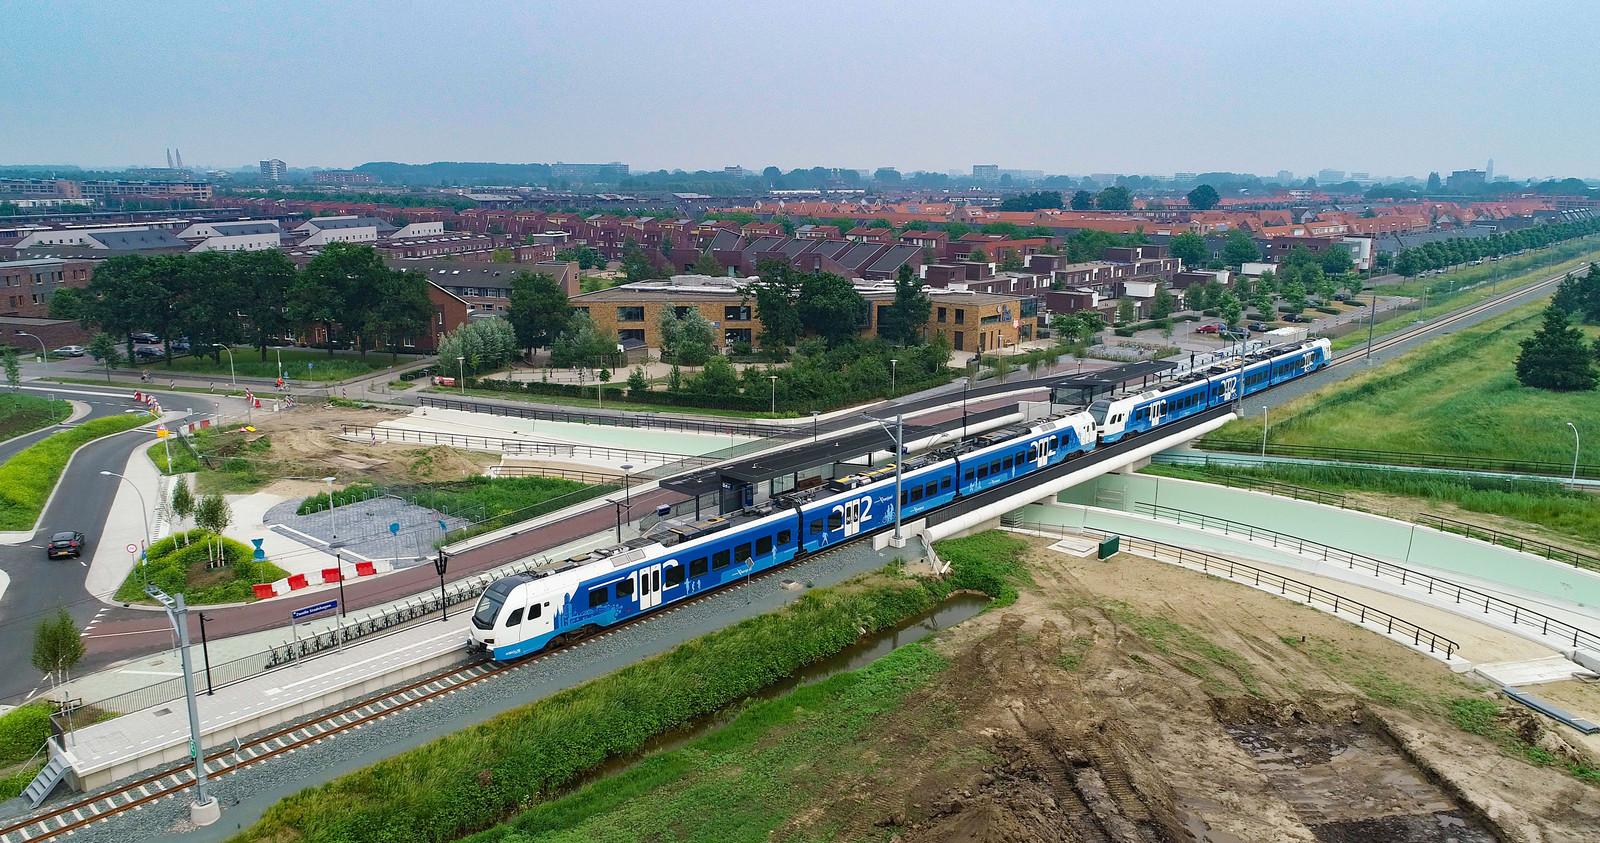 De catastrofe rond het Kamperlijntje is compleet. De spoorverbinding tussen Zwolle en Kampen op stoom krijgen kost enkele jaren en tientallen miljoenen euro's. Foto Freddy Schinkel